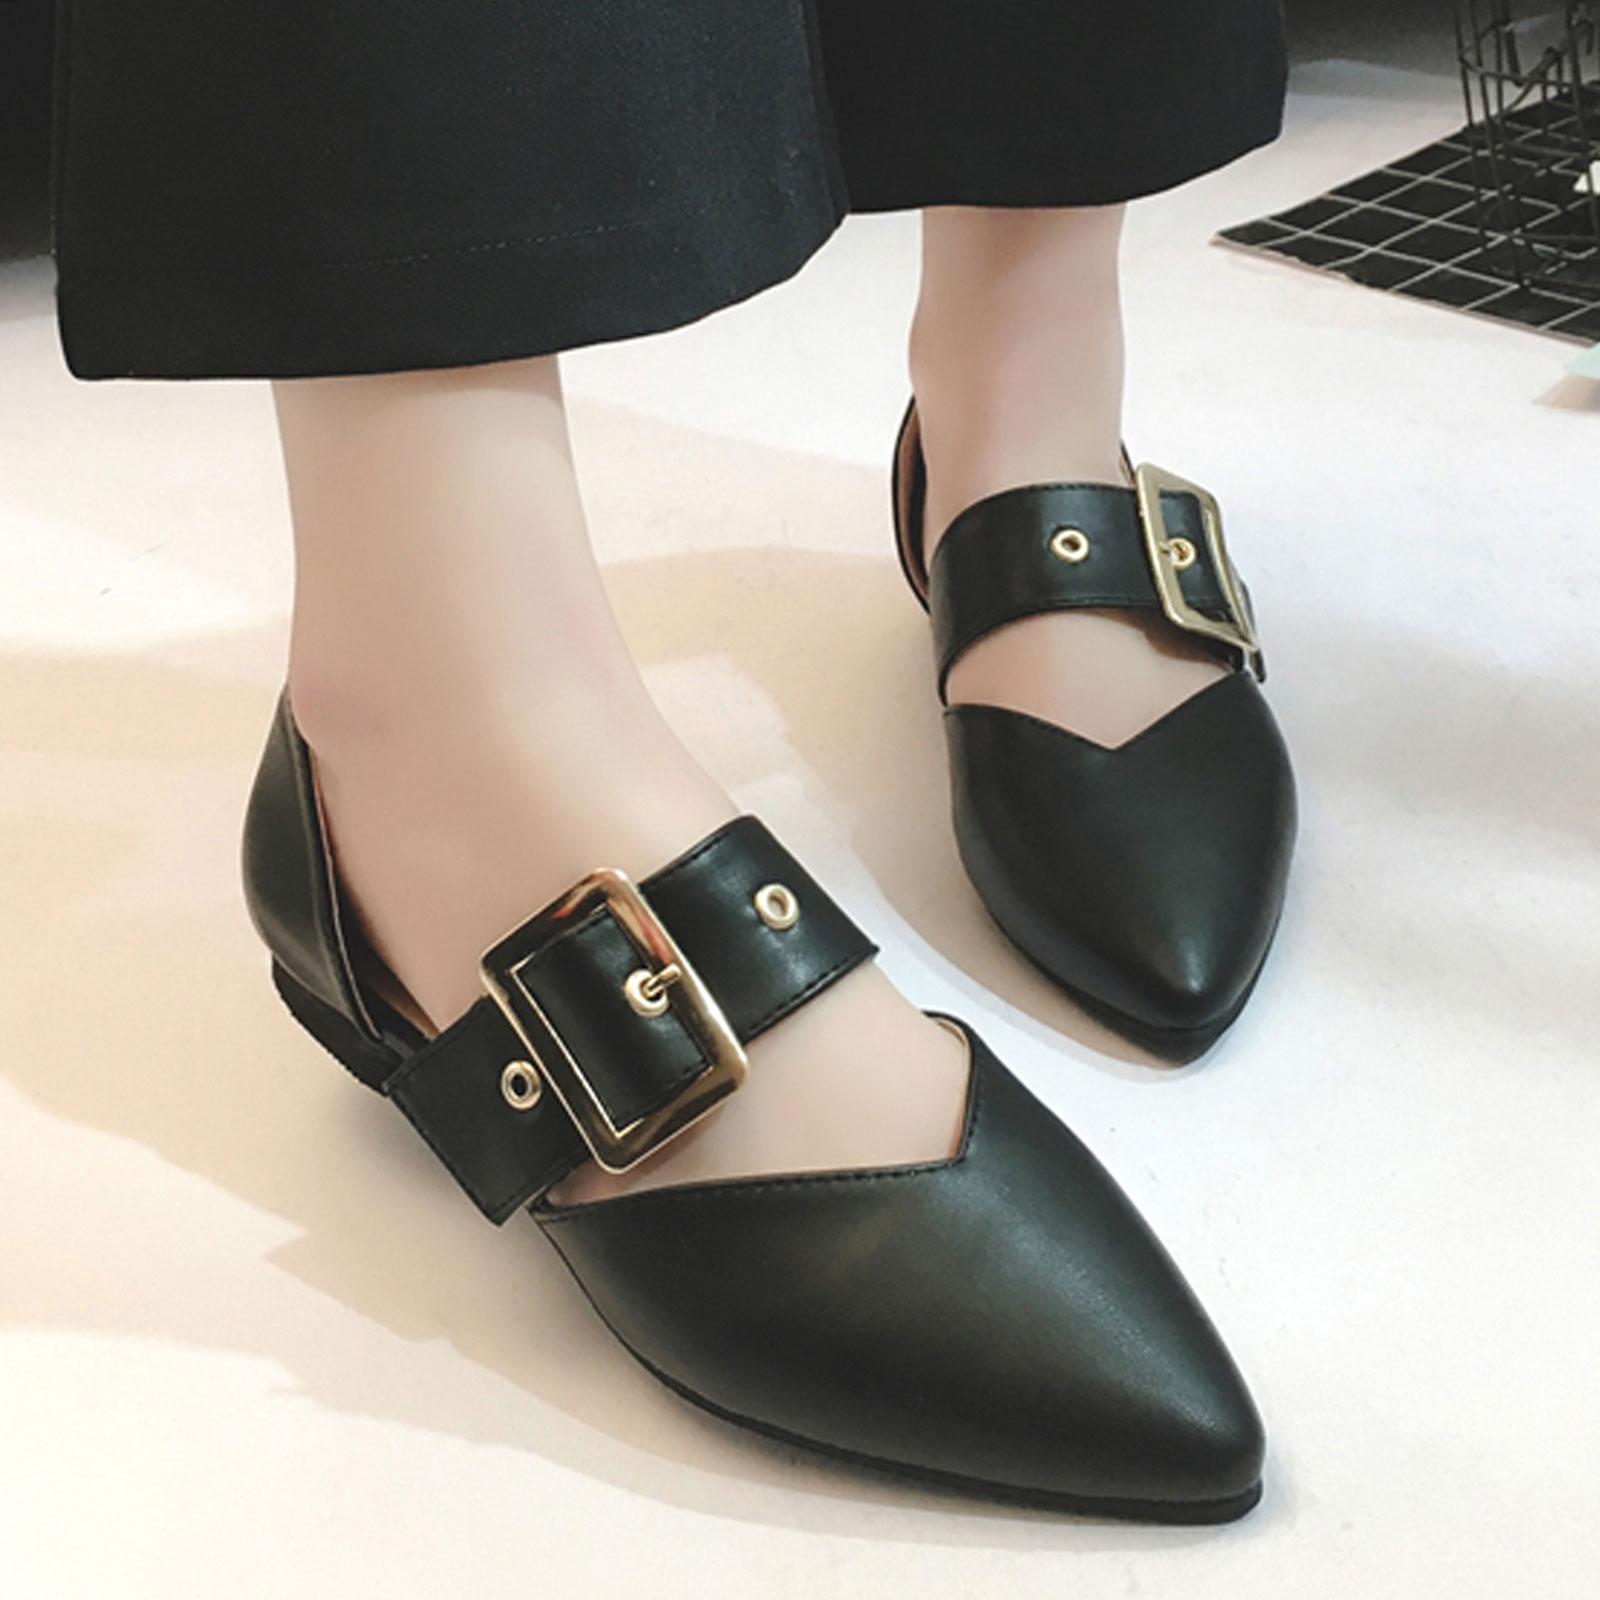 平底鞋 側空淺口皮帶扣尖頭平底鞋【S1684】☆雙兒網☆ 4